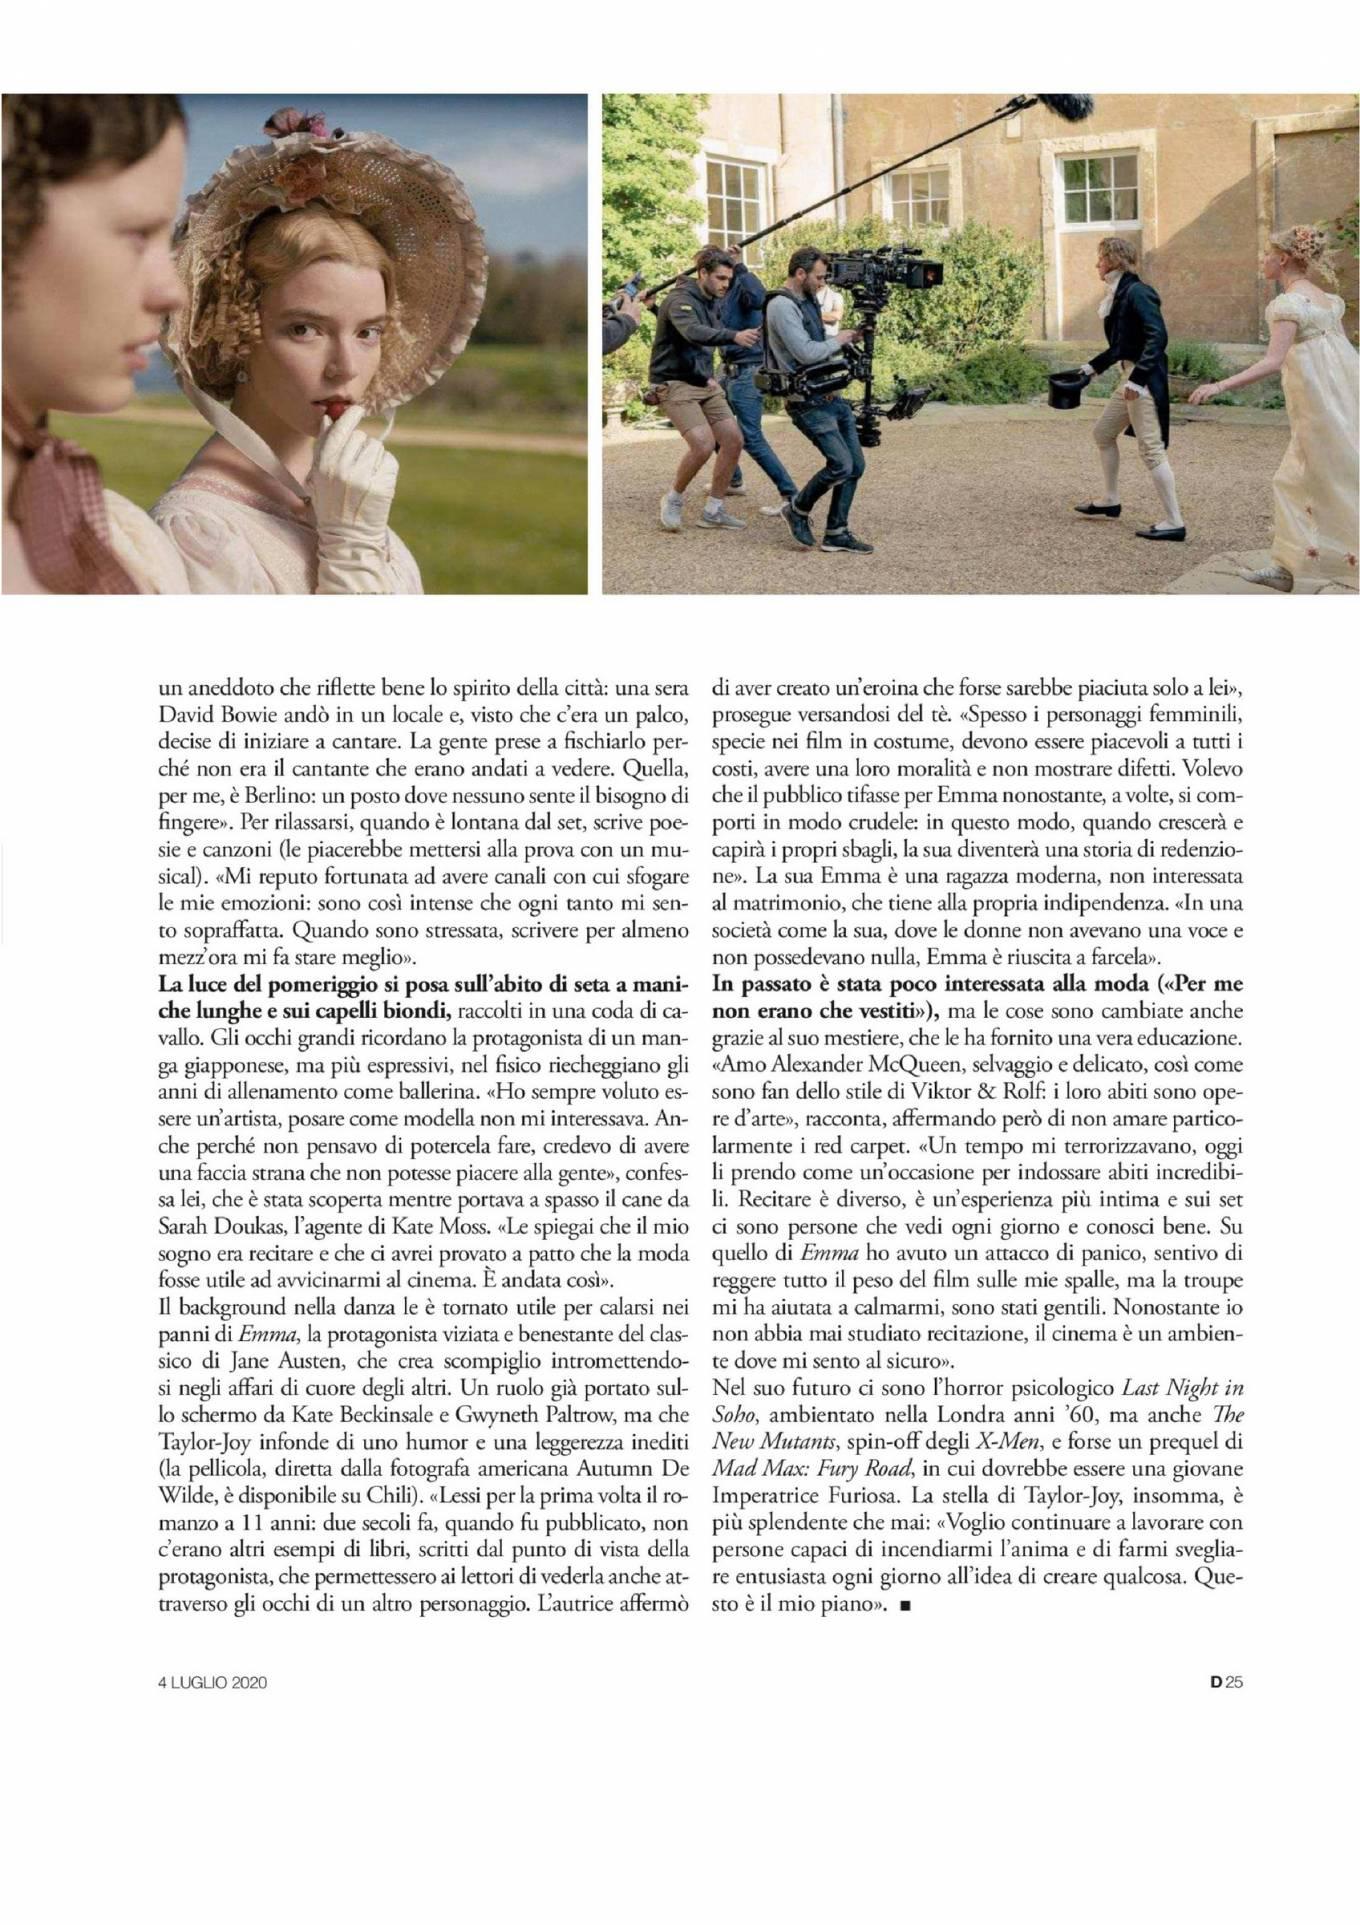 Anya Taylor-Joy 2020 : Anya Taylor-Joy – D la Repubblica 2020-03